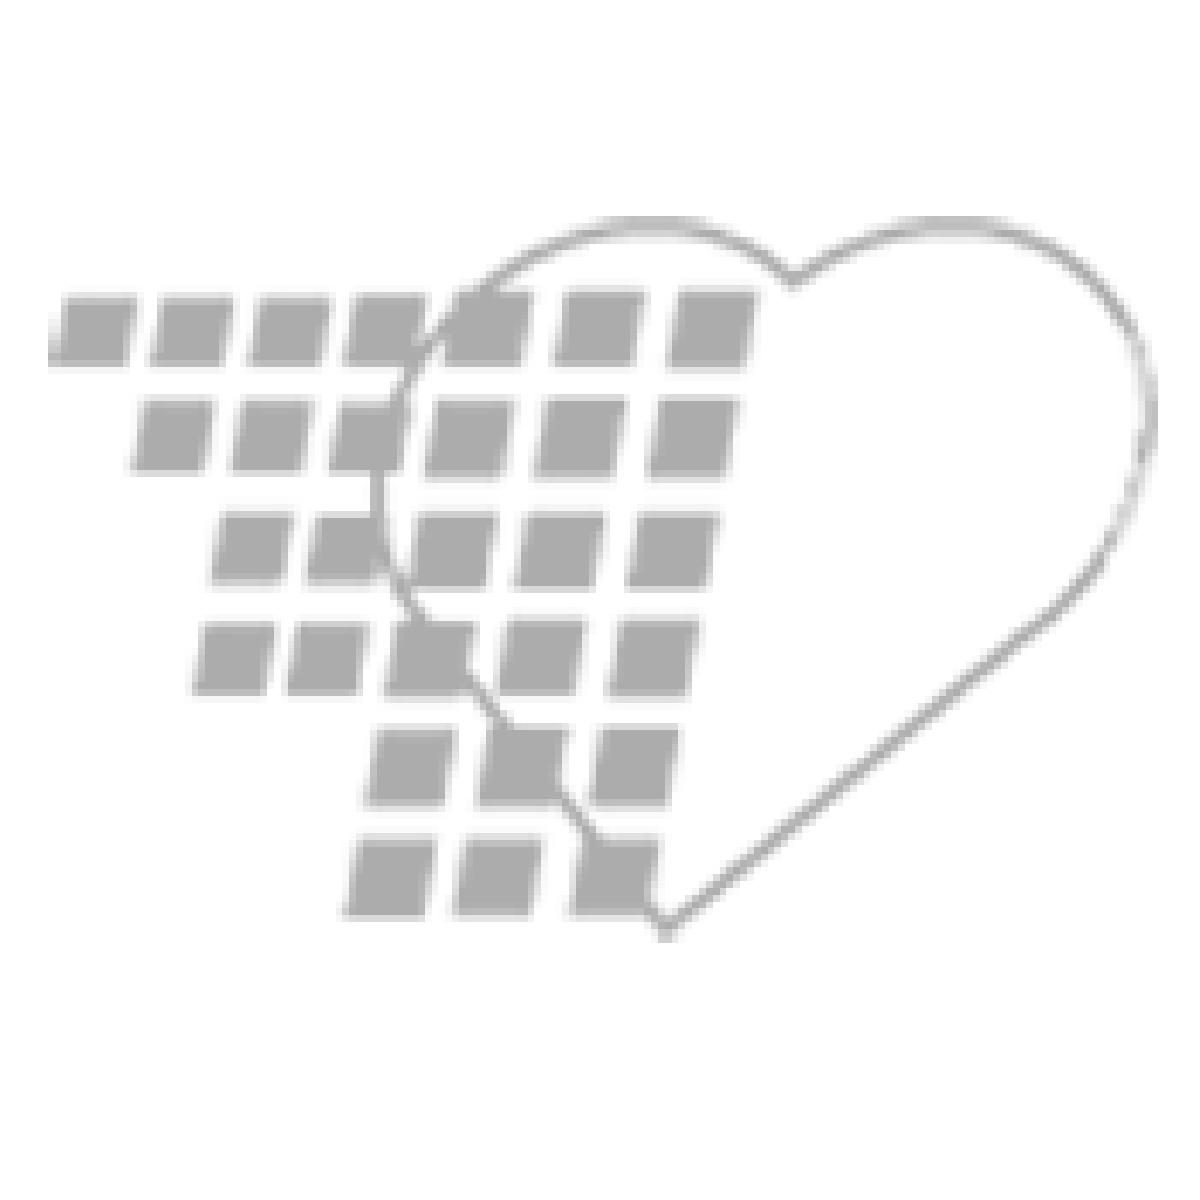 11-81-0093 BASIC Catheterization Simulator